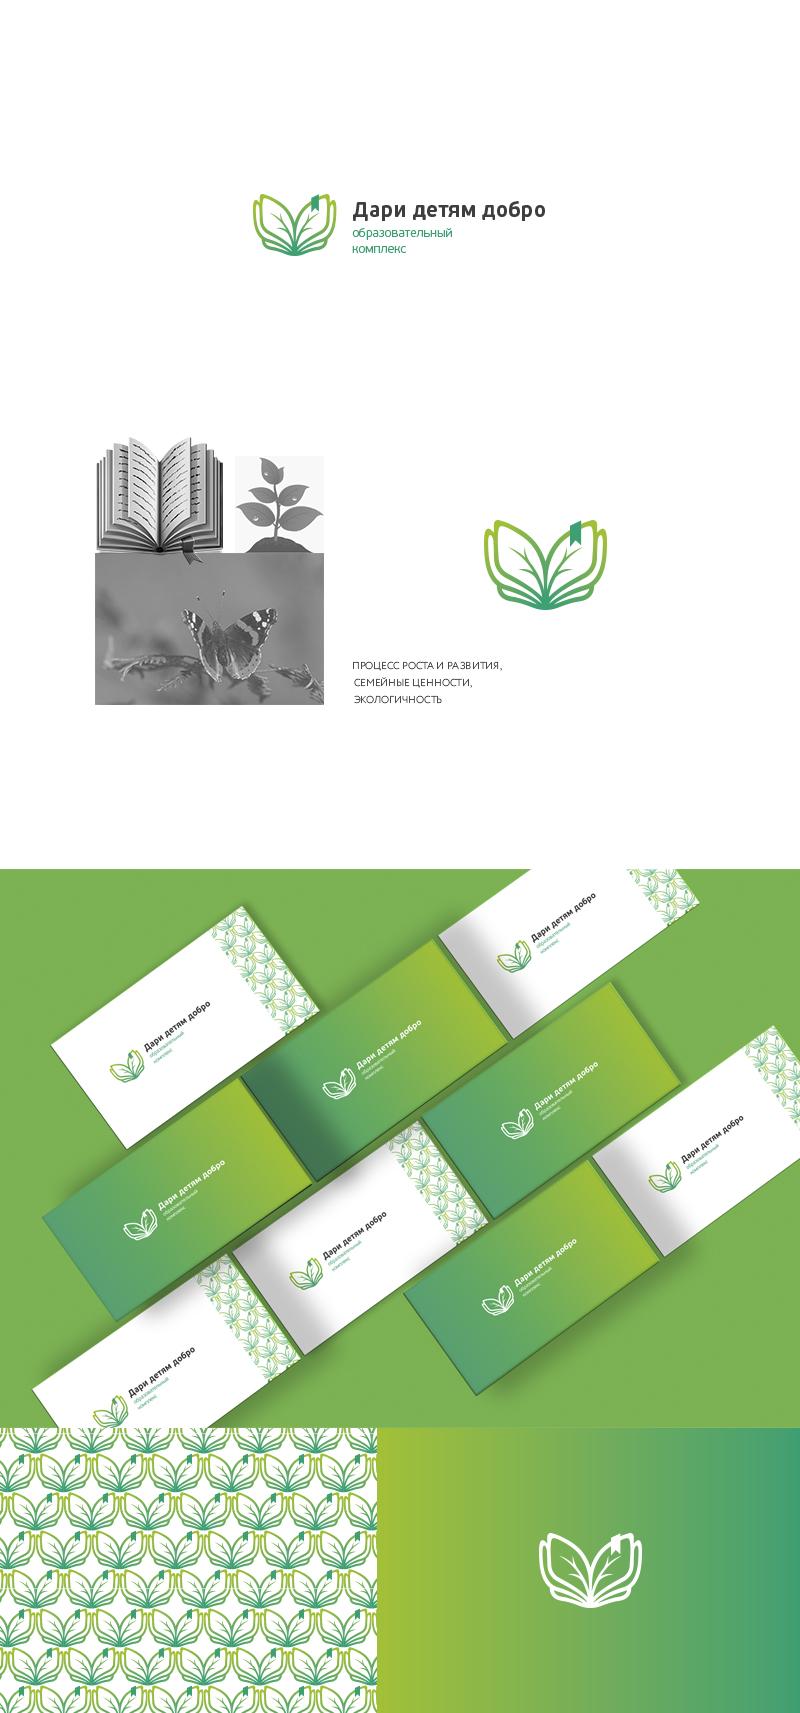 Логотип для образовательного комплекса фото f_7865c90ae92c96e4.jpg